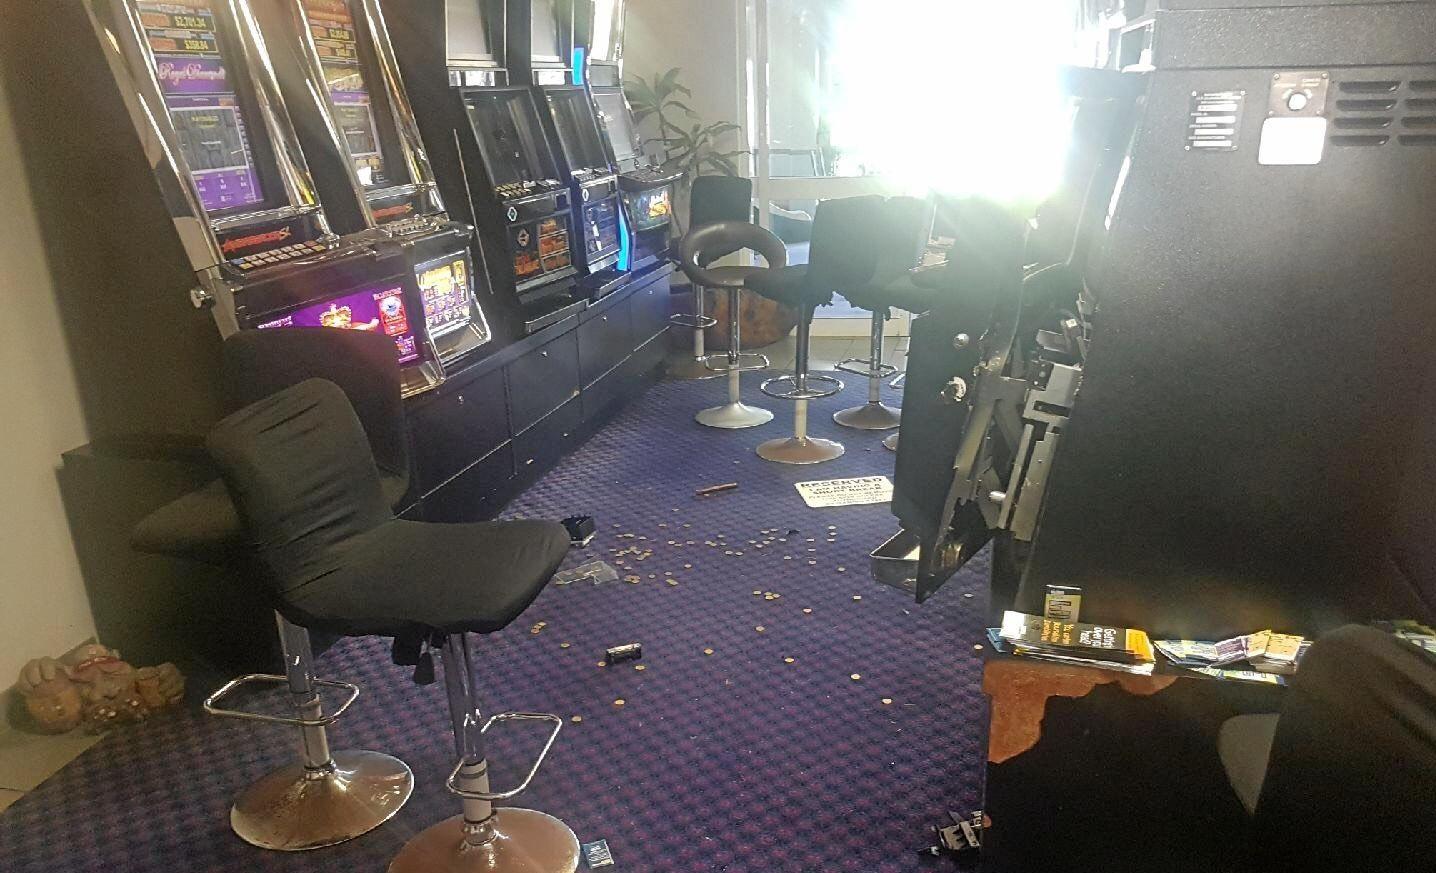 Eight pokie machines were damaged in the break-in.